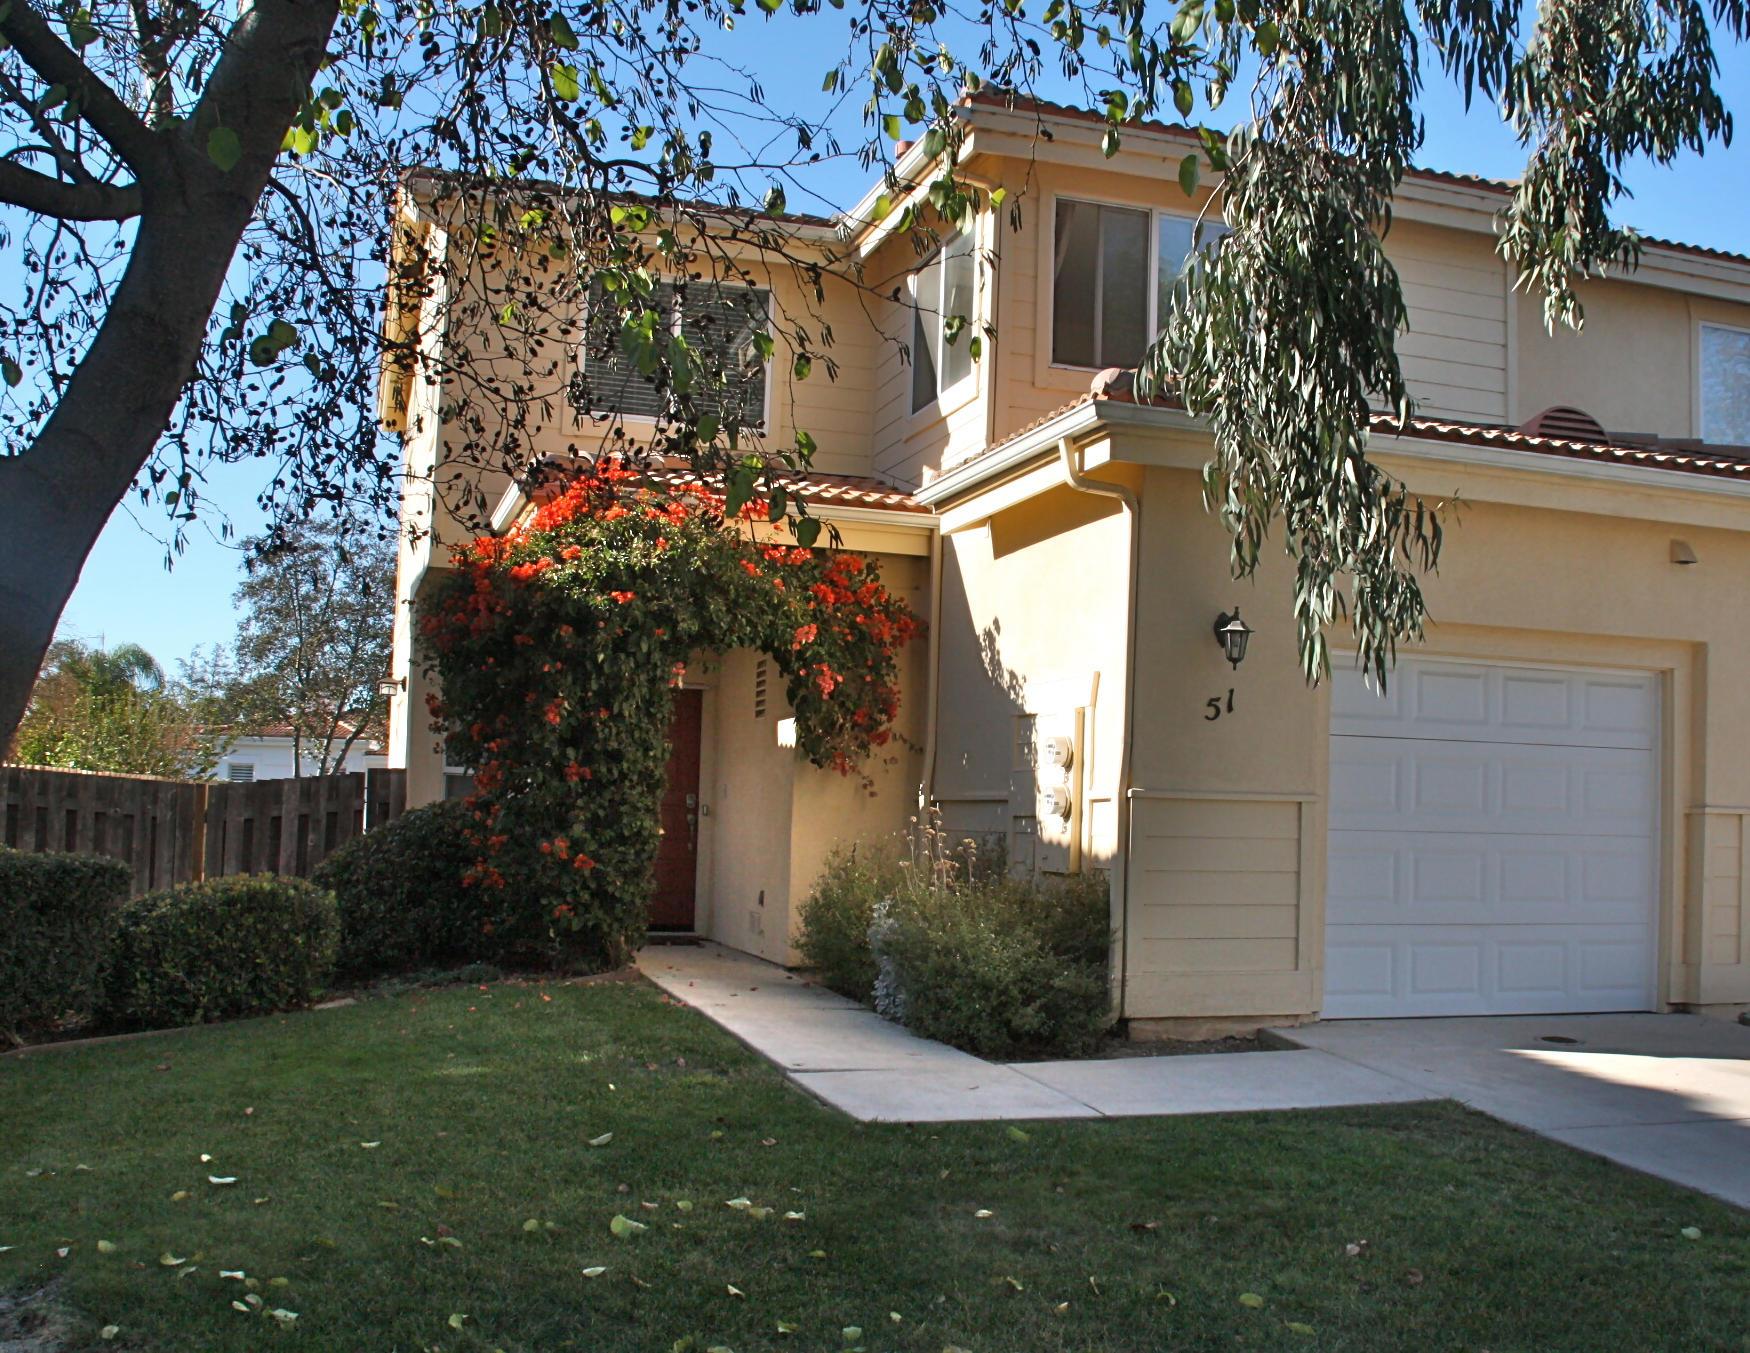 Property photo for 51 Touran Ln Goleta, California 93117 - 14-91